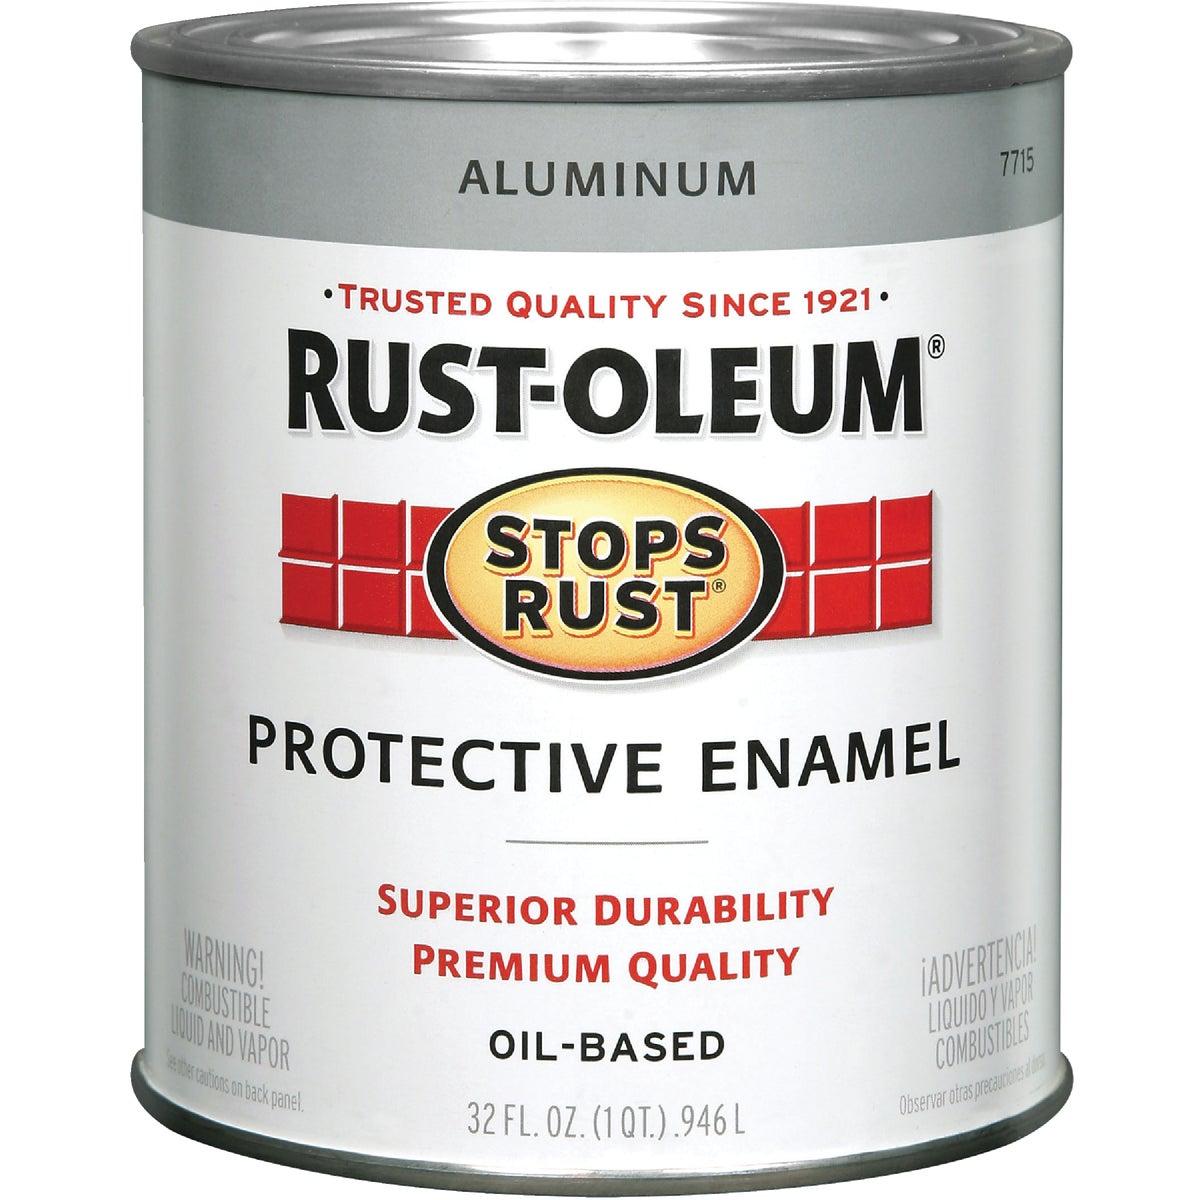 Rust Oleum ALUMINUM ENAMEL 7715-502